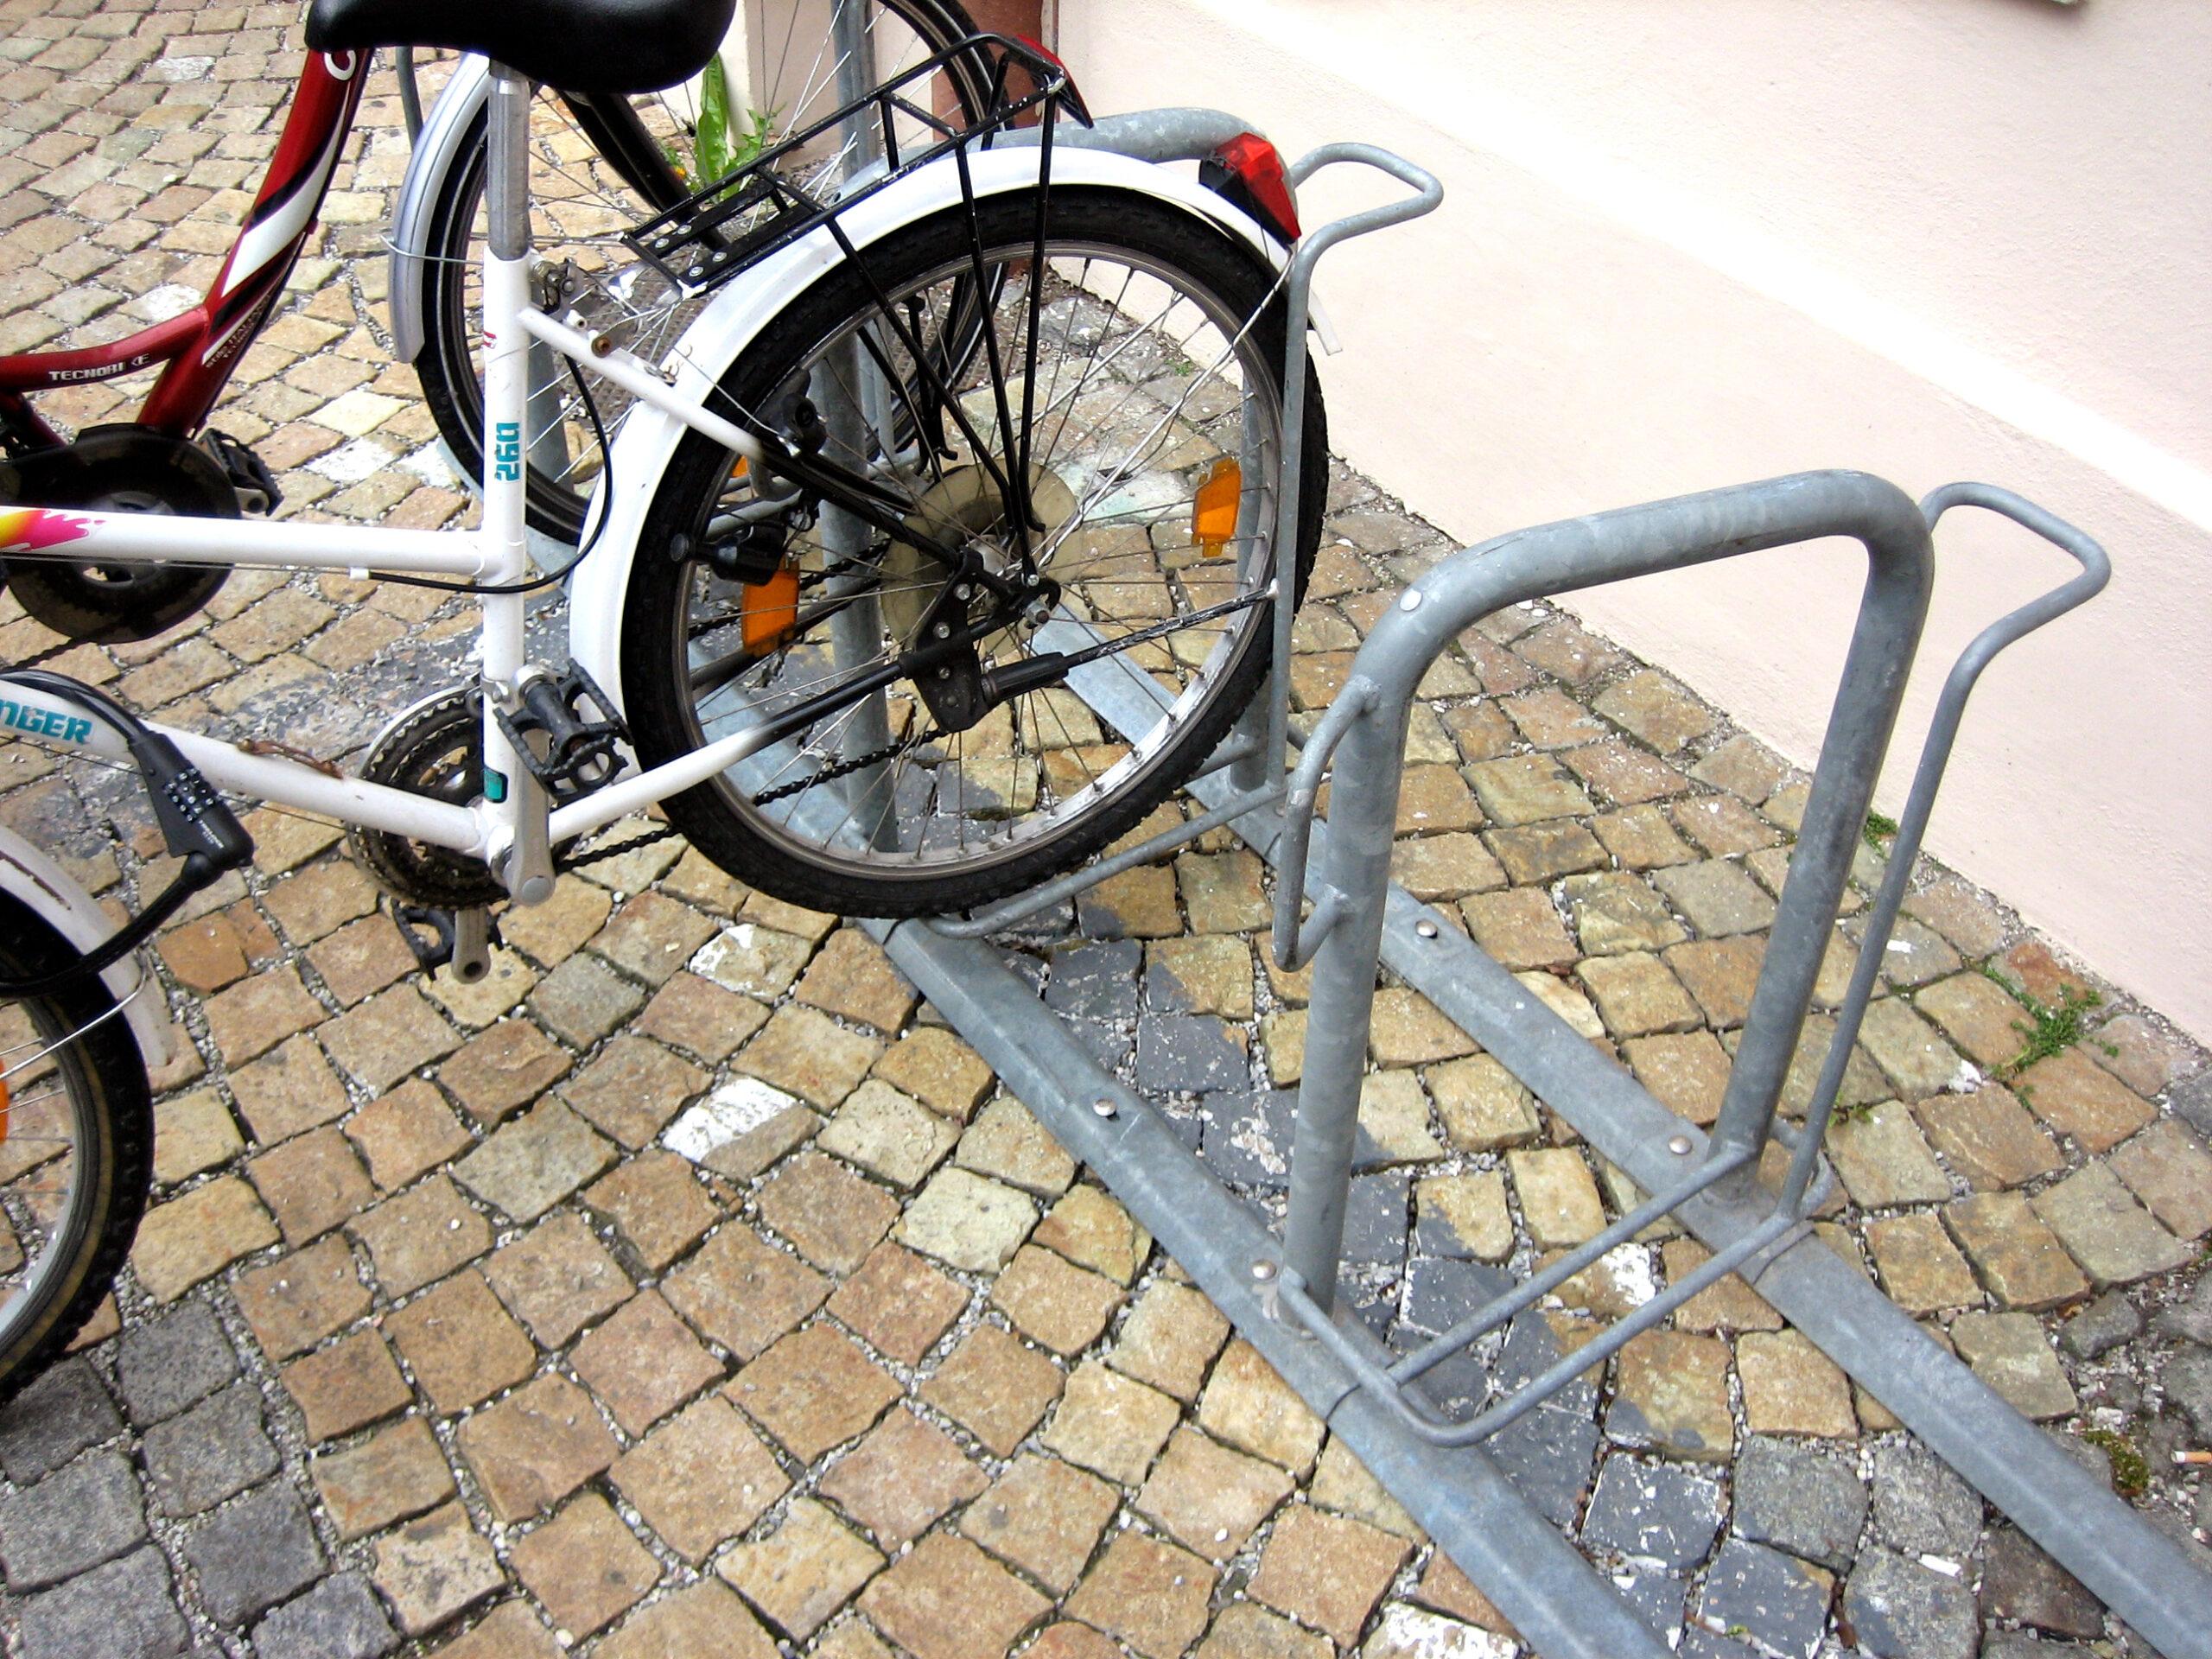 aparcabicicletas curvado en Munich detalle